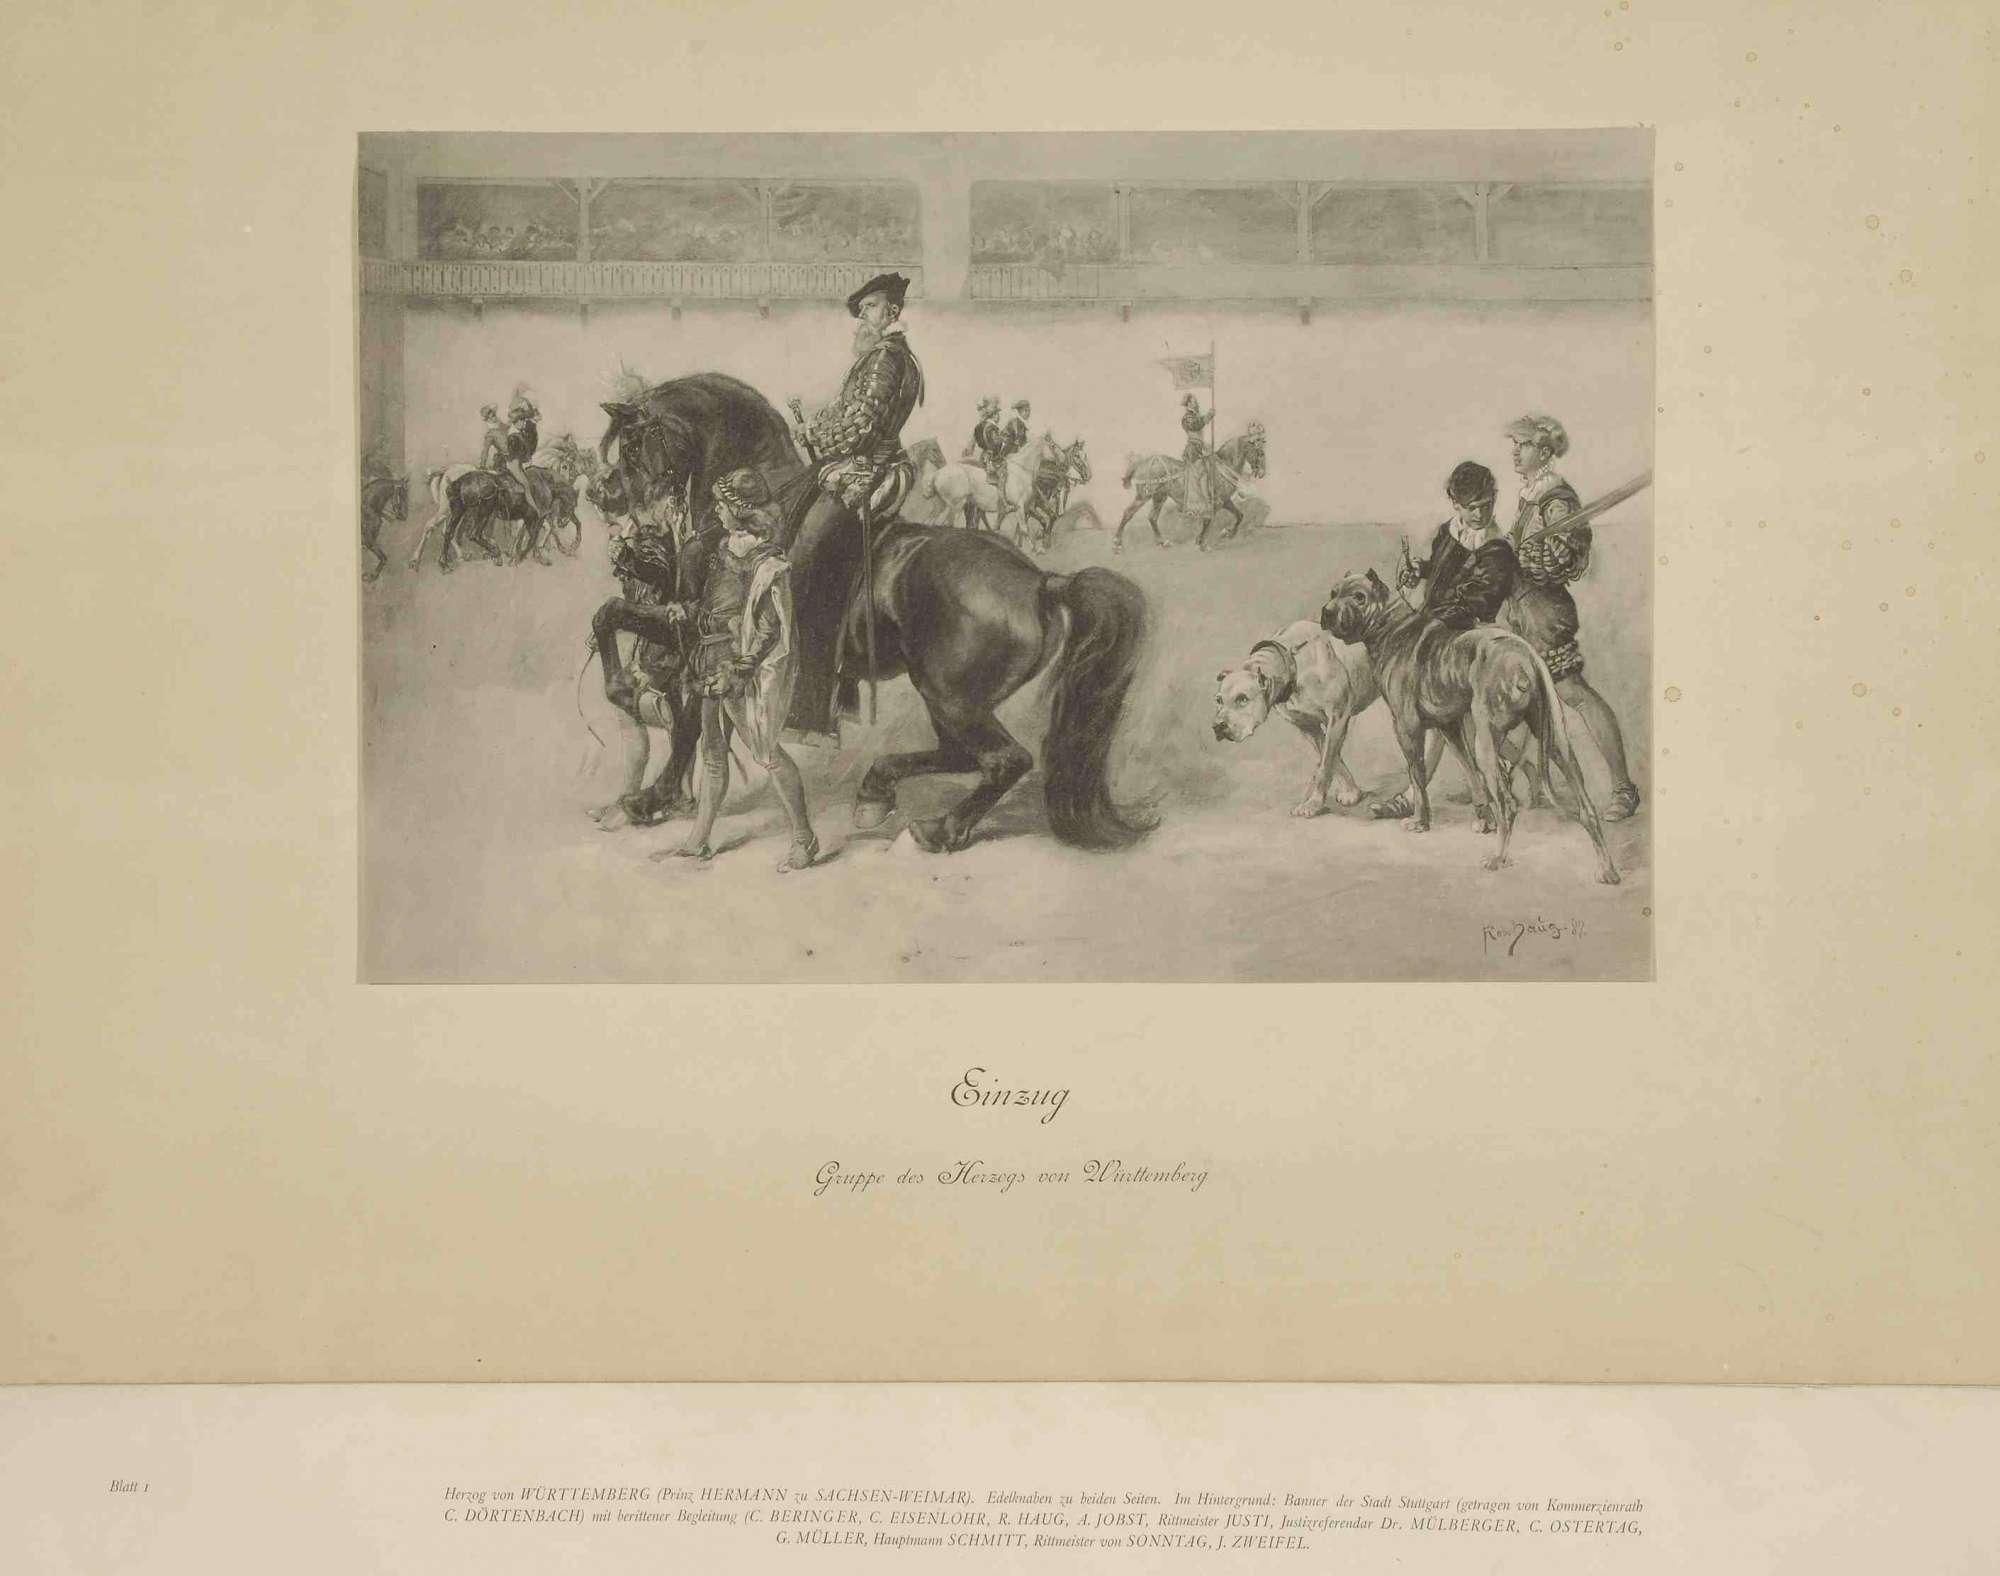 Vermählungsfeier von Prinz Wilhelm von Württemberg mit Prinzessin Charlotte von Schaumburg-Lippe am 28.04.1886, Erinnerungsblätter mit Vorwort und einer Identifizierung dargestellter Personen, Bild 1